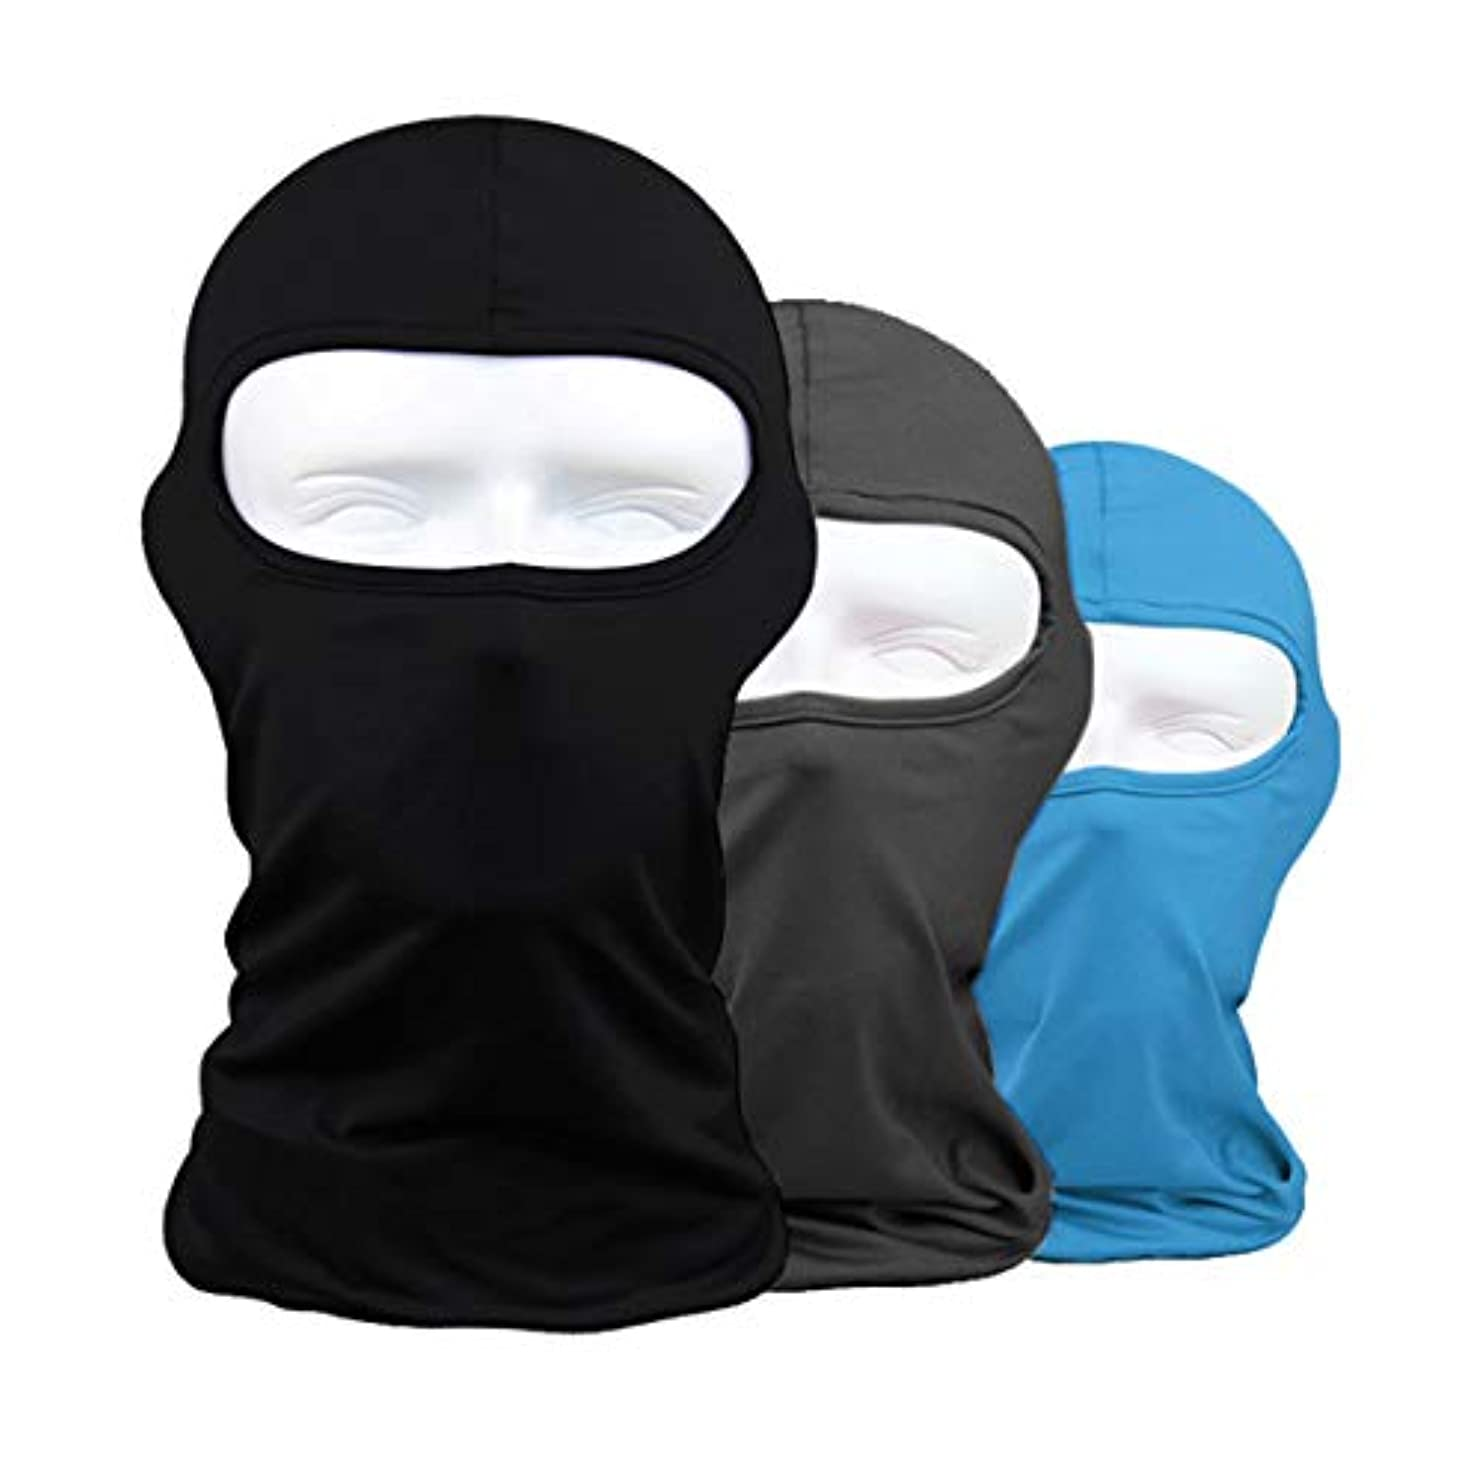 禁止するトリップ変換するフェイスマスク 通気 速乾 ヘッドウェア ライクラ生地 目だし帽 バラクラバ 保温 UVカット,ブラック + グレー + ブルー,3枚